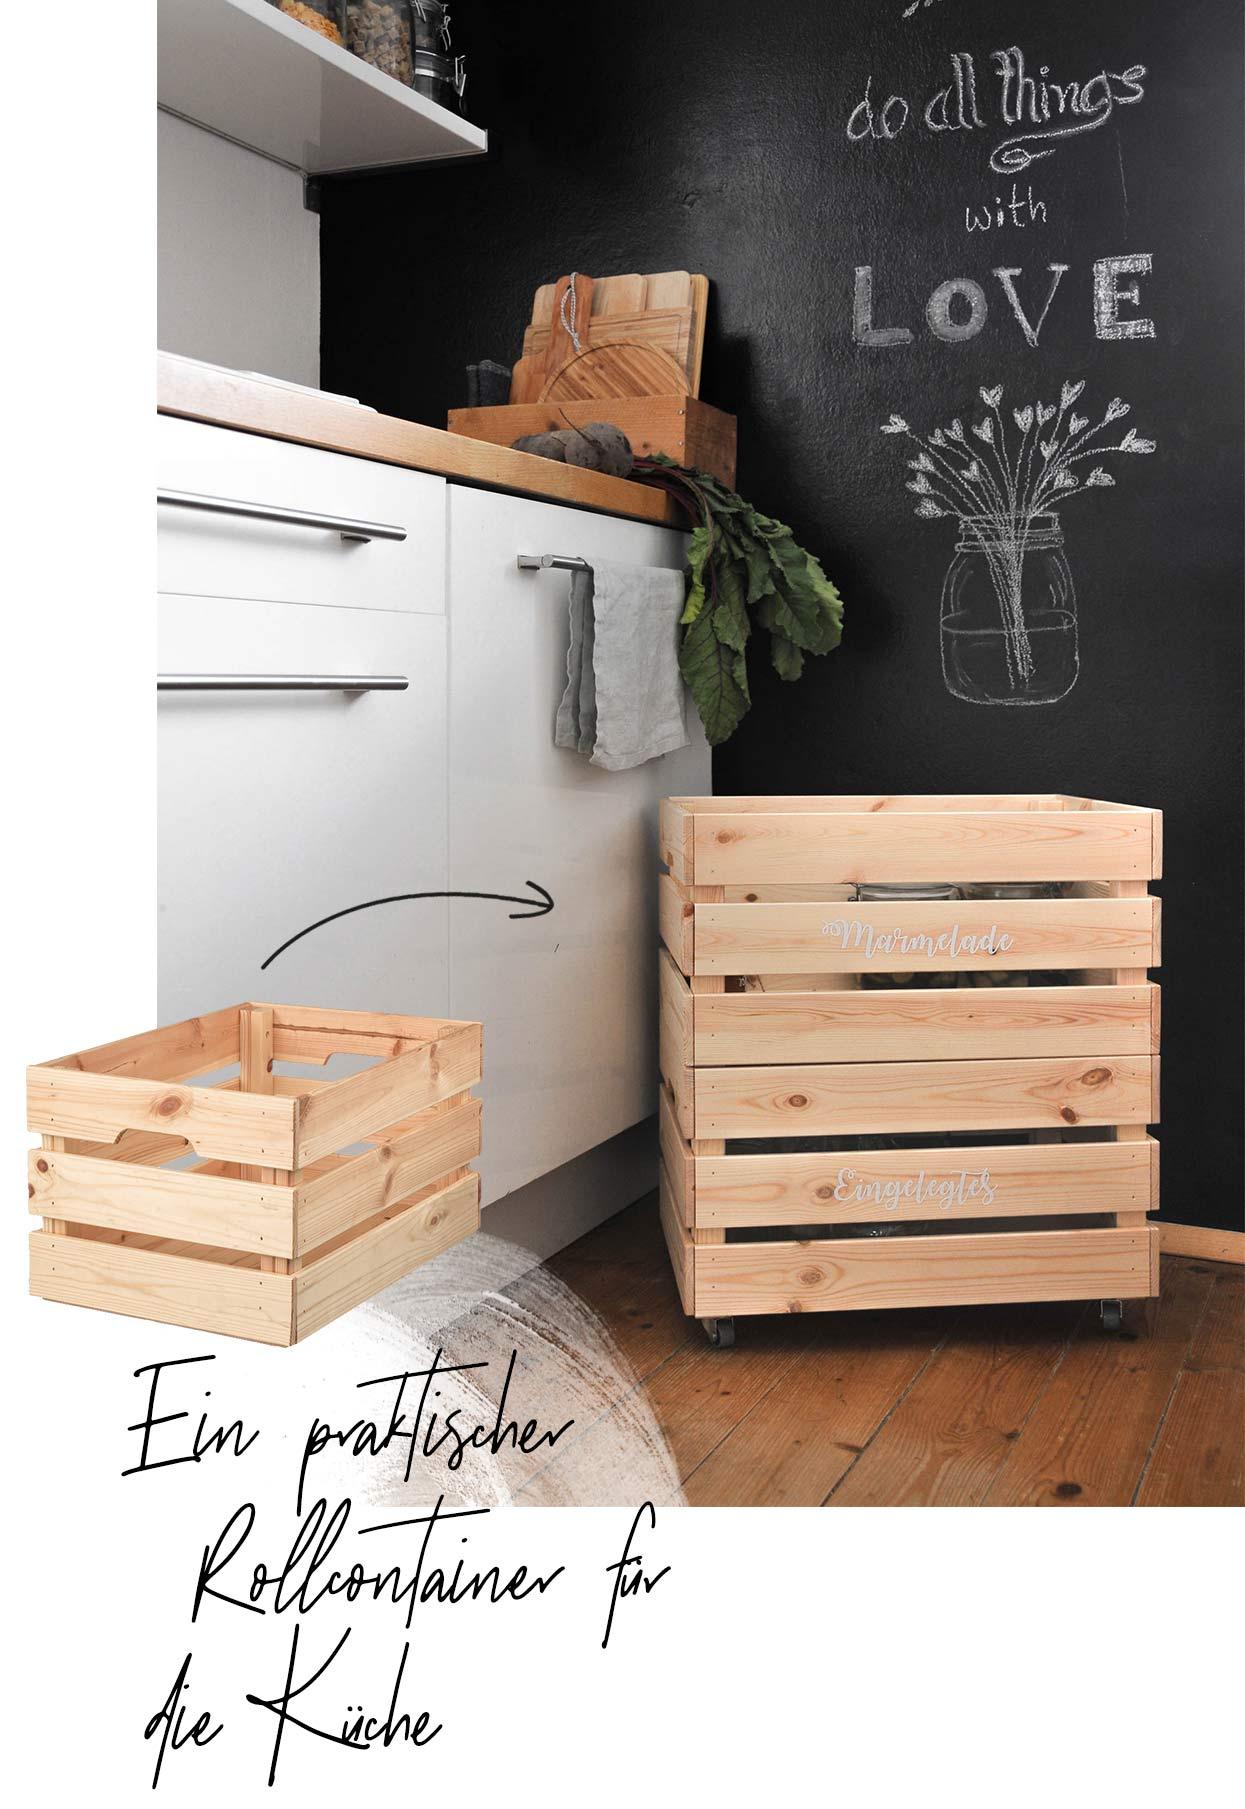 Full Size of Kisten Küche Toller Ikea Hack Einen Rollcontainer Selber Bauen Wohnklamotte Klapptisch Abfallbehälter Billige Anthrazit Kosten Schwarze Rolladenschrank Wohnzimmer Kisten Küche